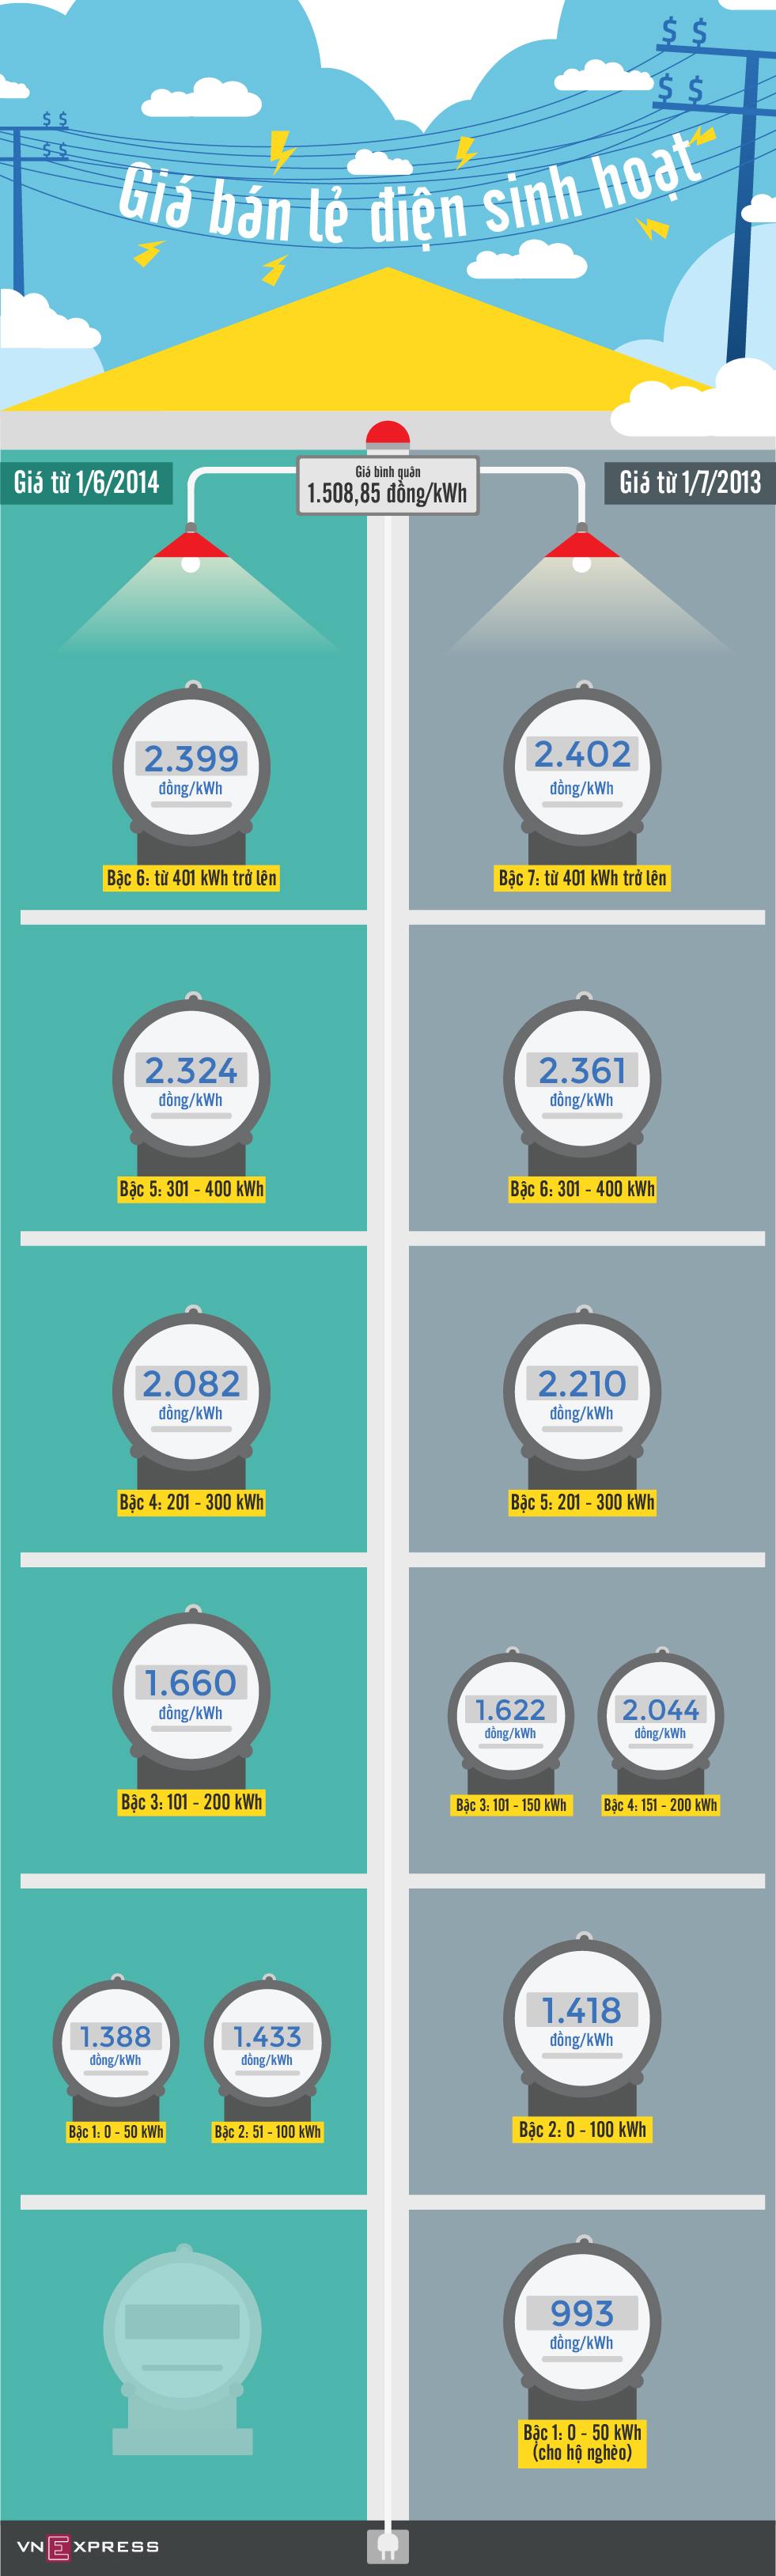 Biểu giá điện đã thay đổi như thế nào từ ngày 1/6